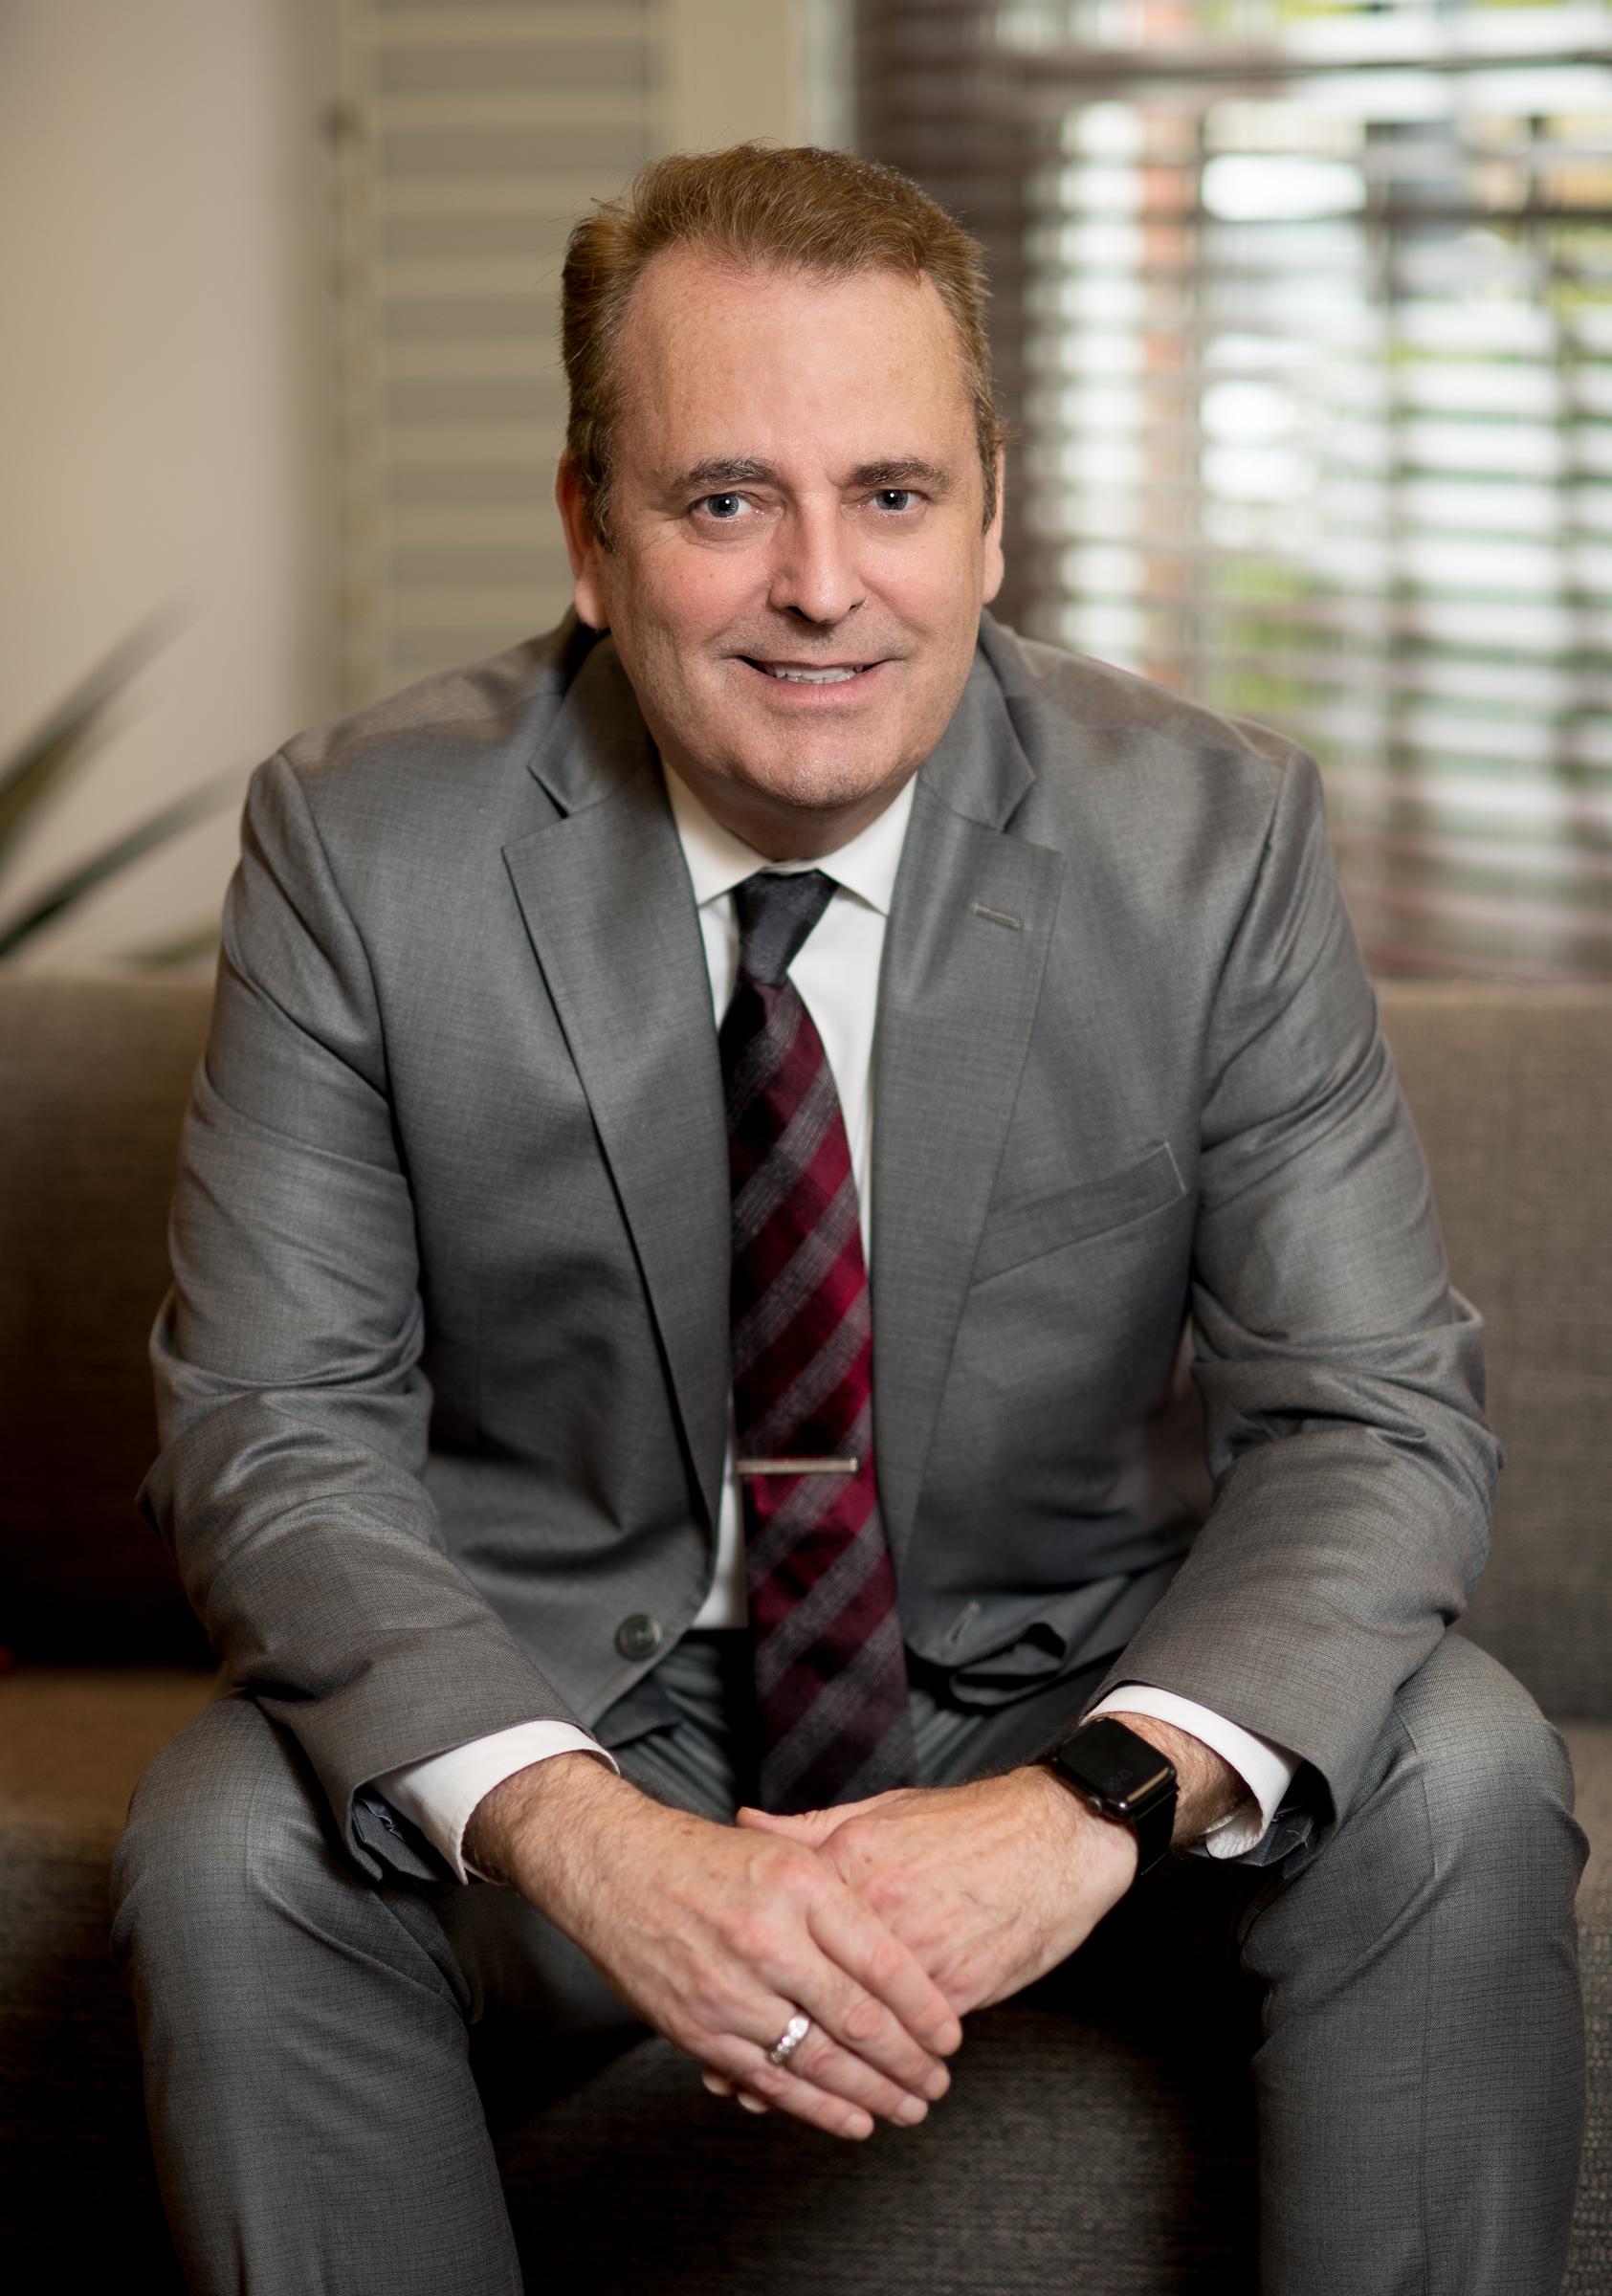 Graeme Atkinson